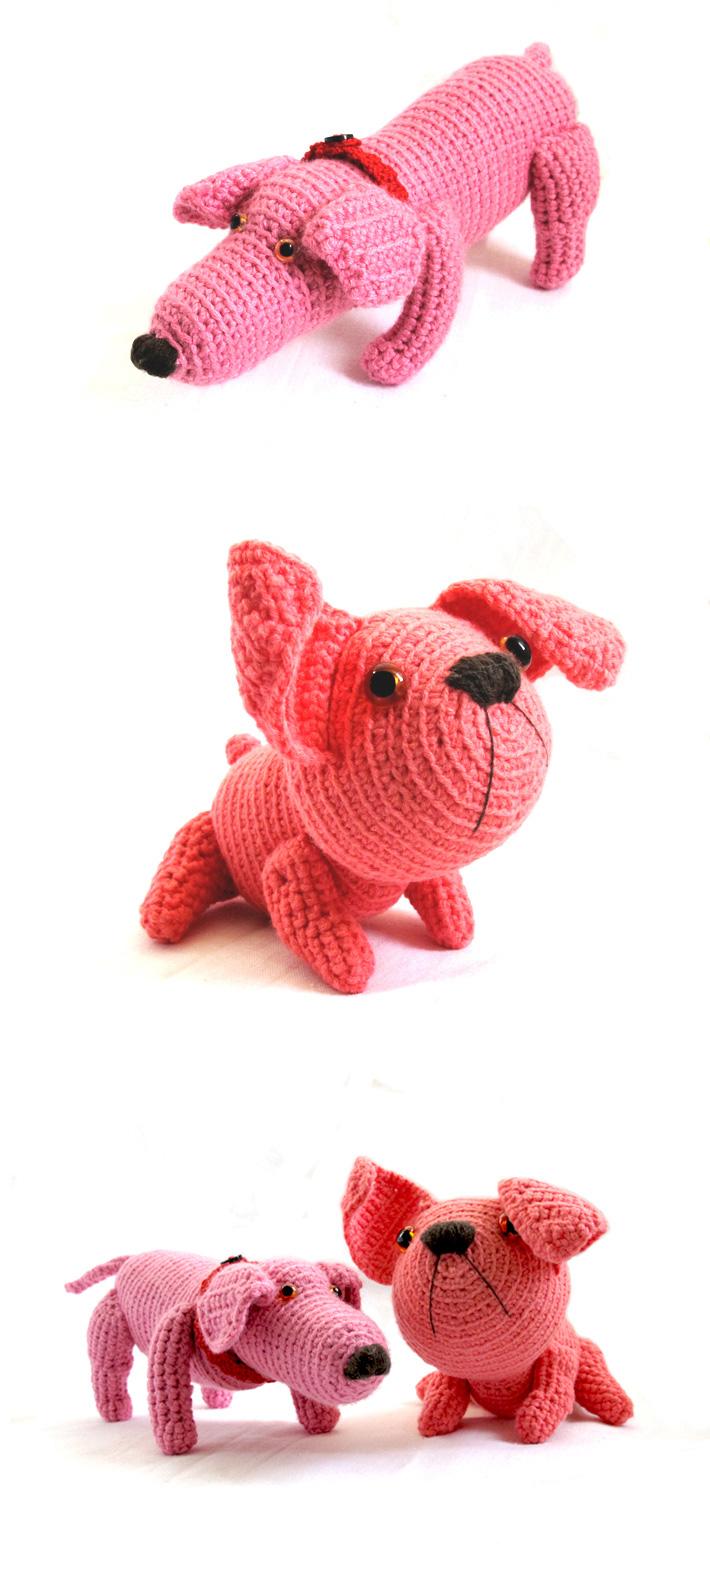 amseldrossel_pink_dogs